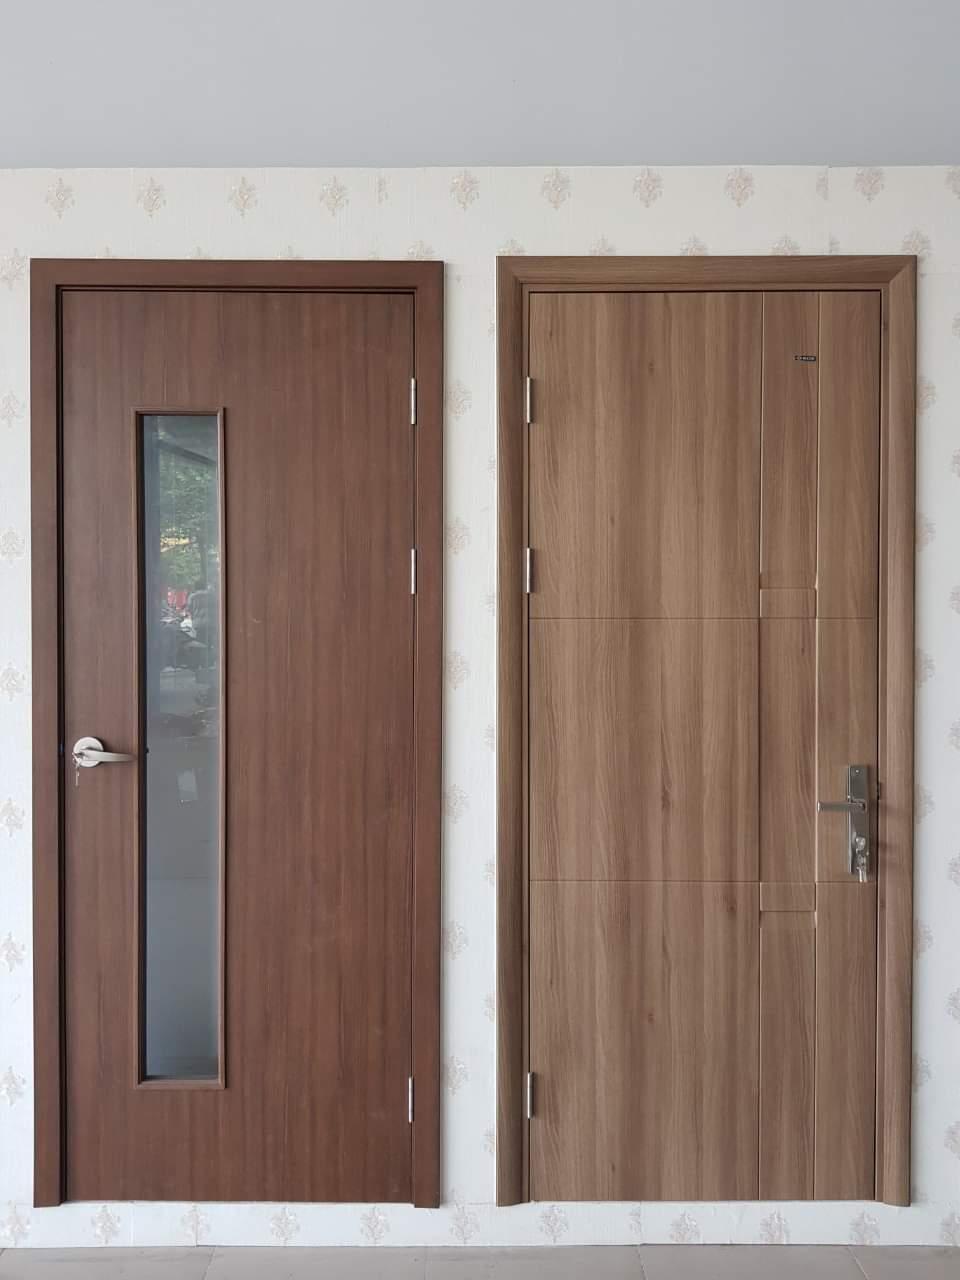 Mẫu cửa nhựa giả gỗ : 202 -W0901 (Ảnh bên trái) | 116- K1129 (Ảnh bên phải )